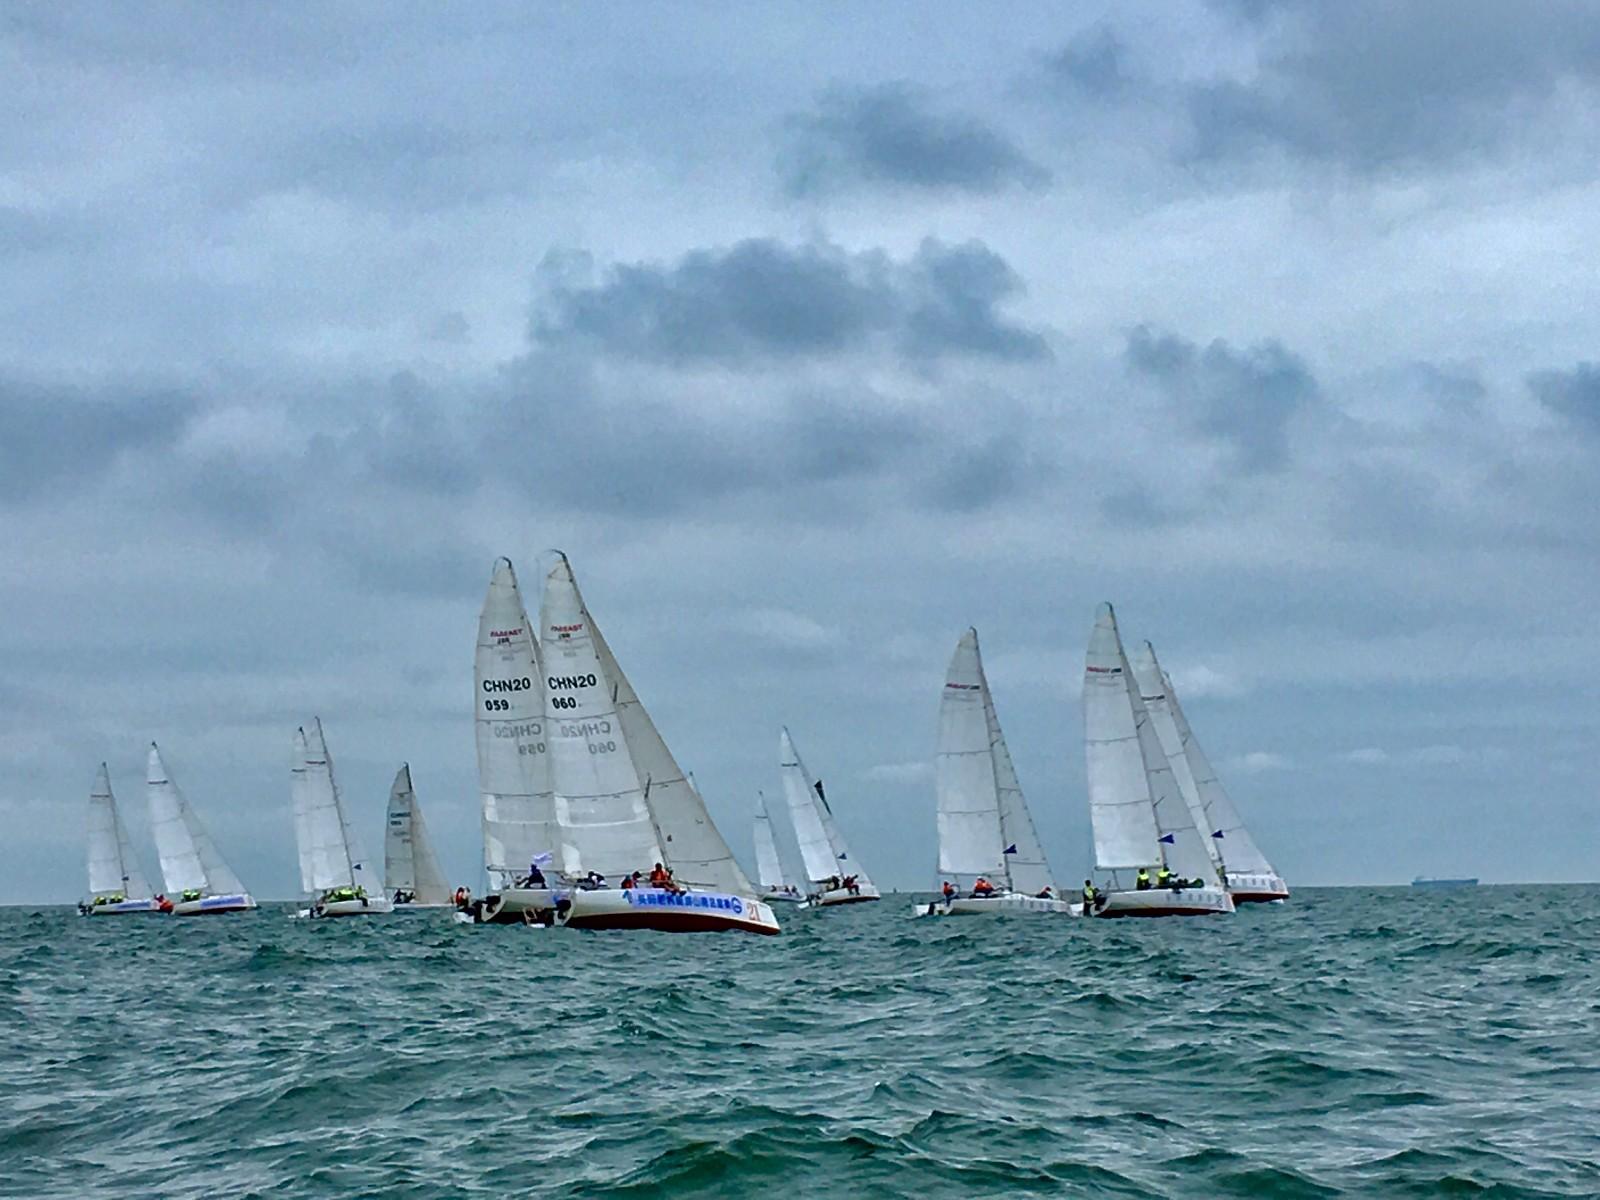 我们,帆船,毕竟,风向,都是 喉咙喊破,收获满满-秦皇岛河港杯帆船赛赛后总结  152702qqlnl1xf